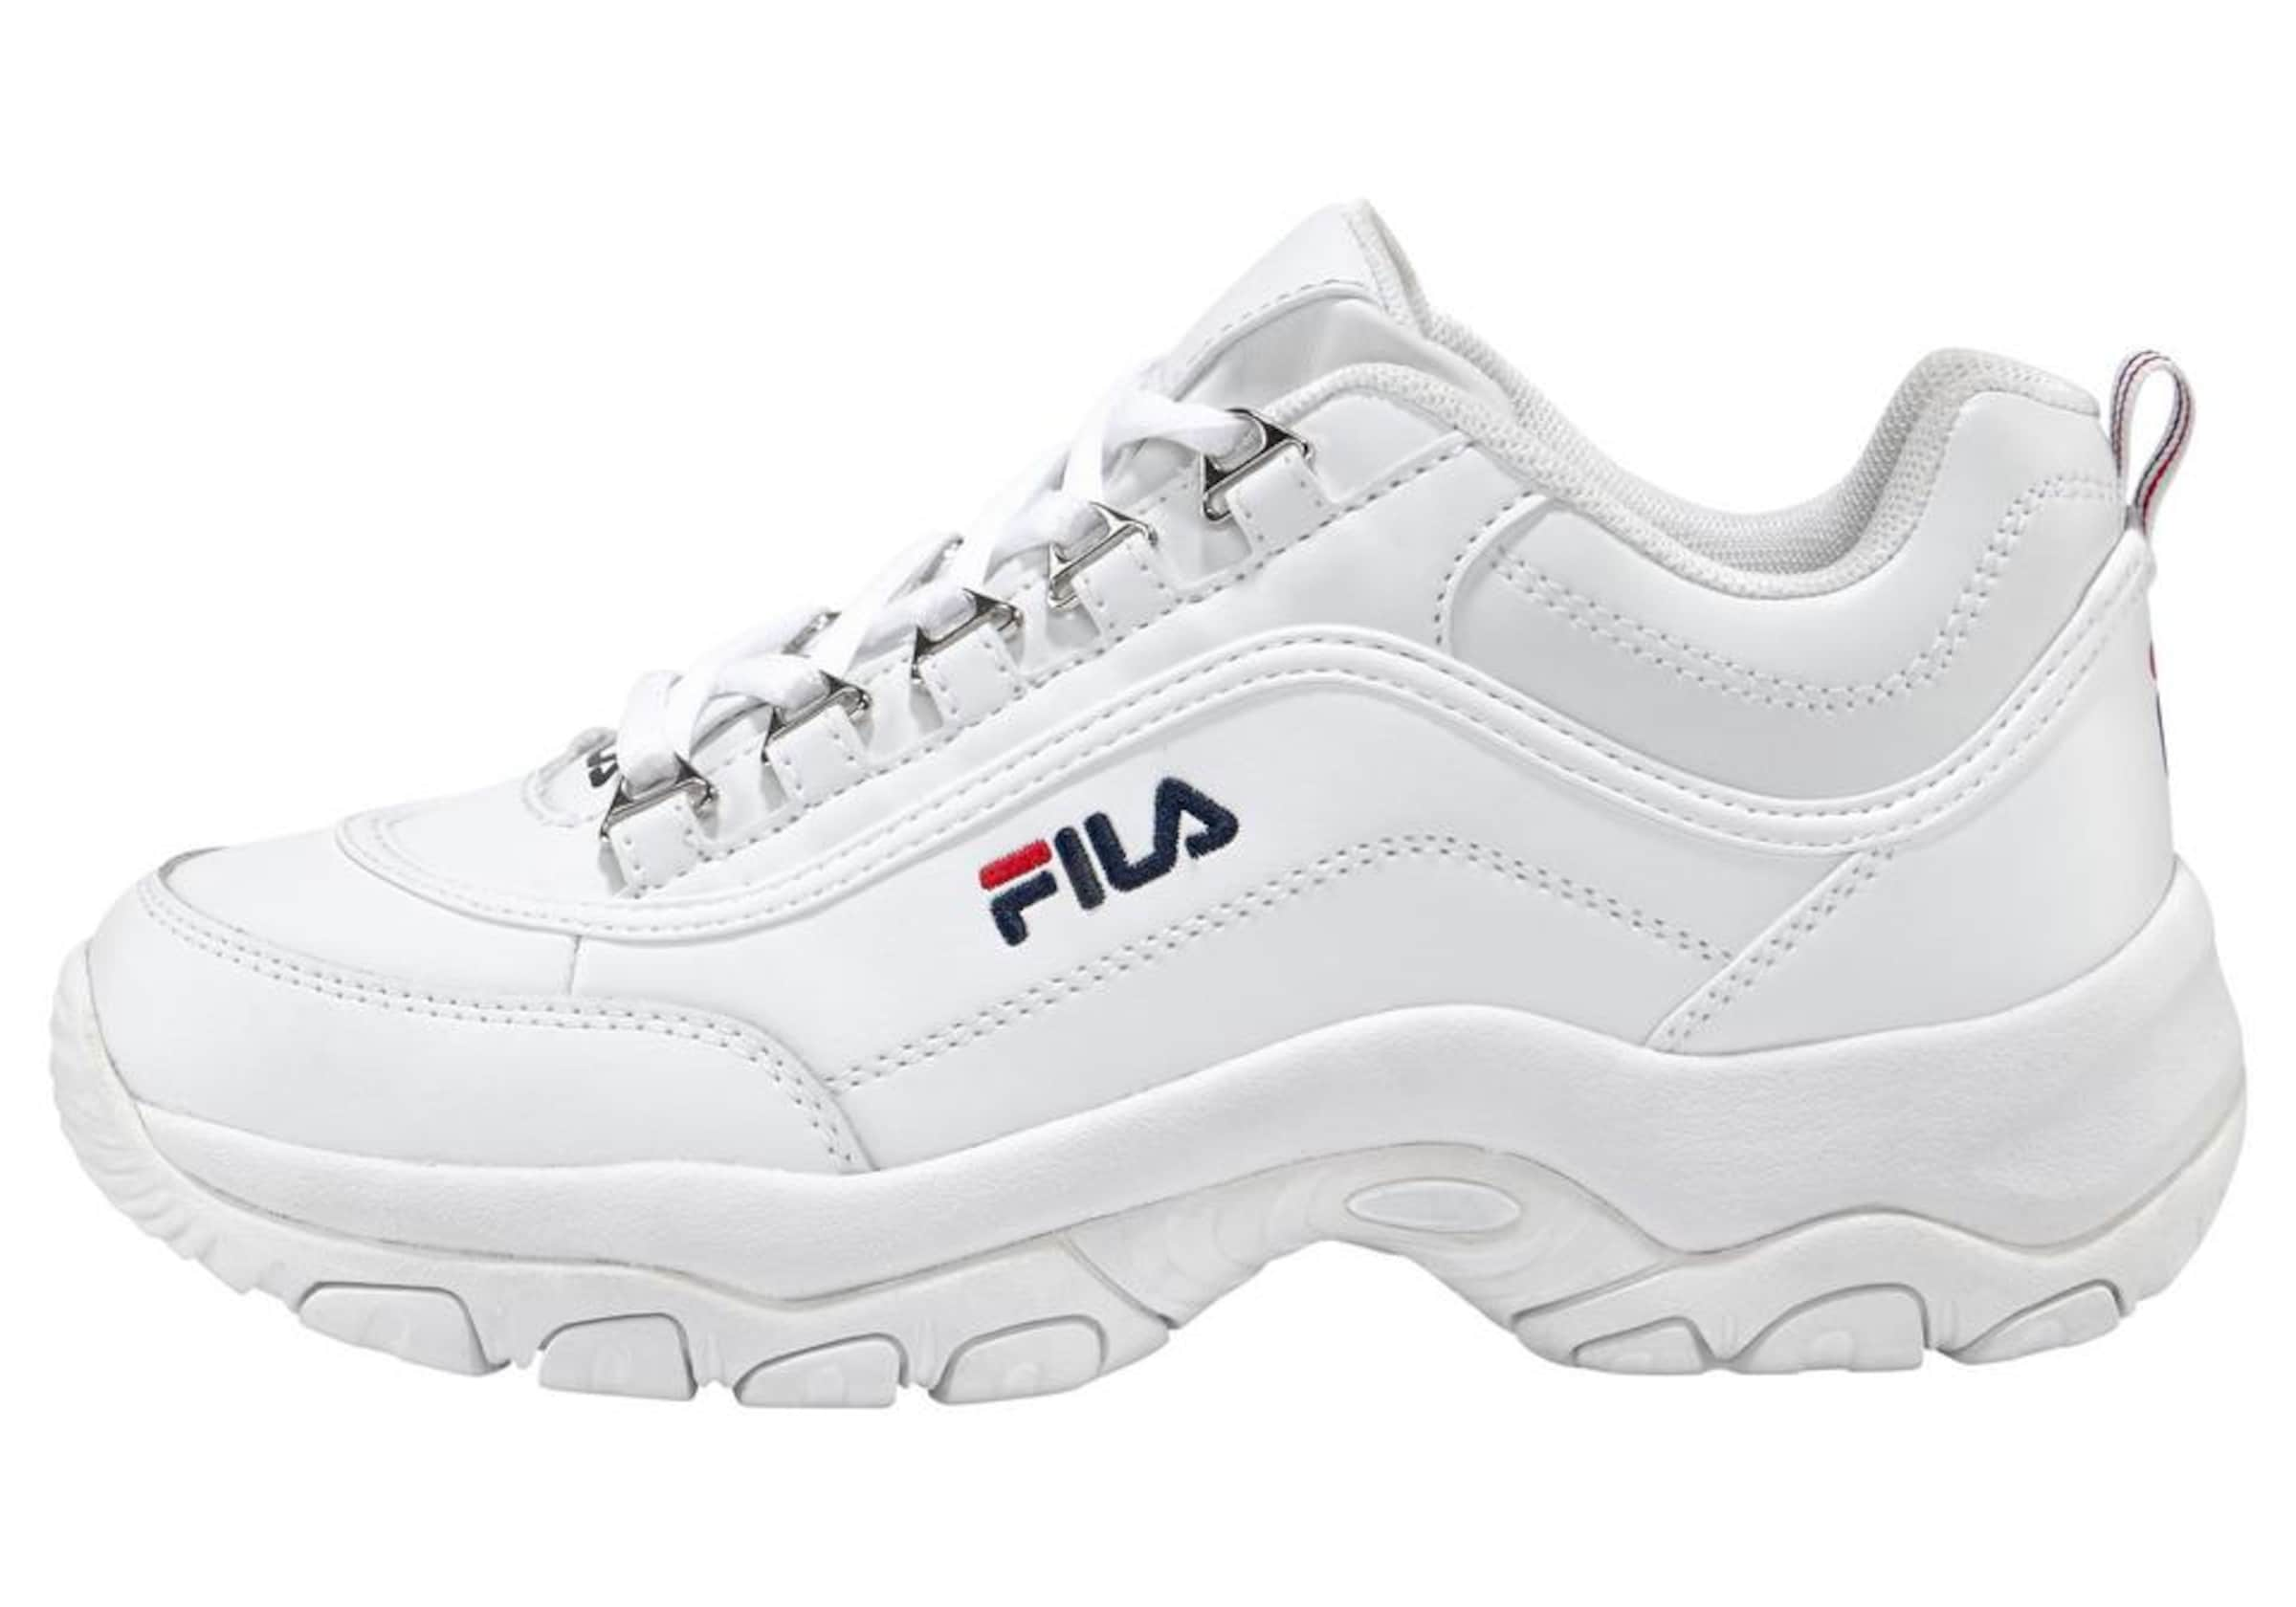 'strada' 'strada' Sneaker Sneaker In In Weiß Fila Fila Fila Weiß 5ARj34qL